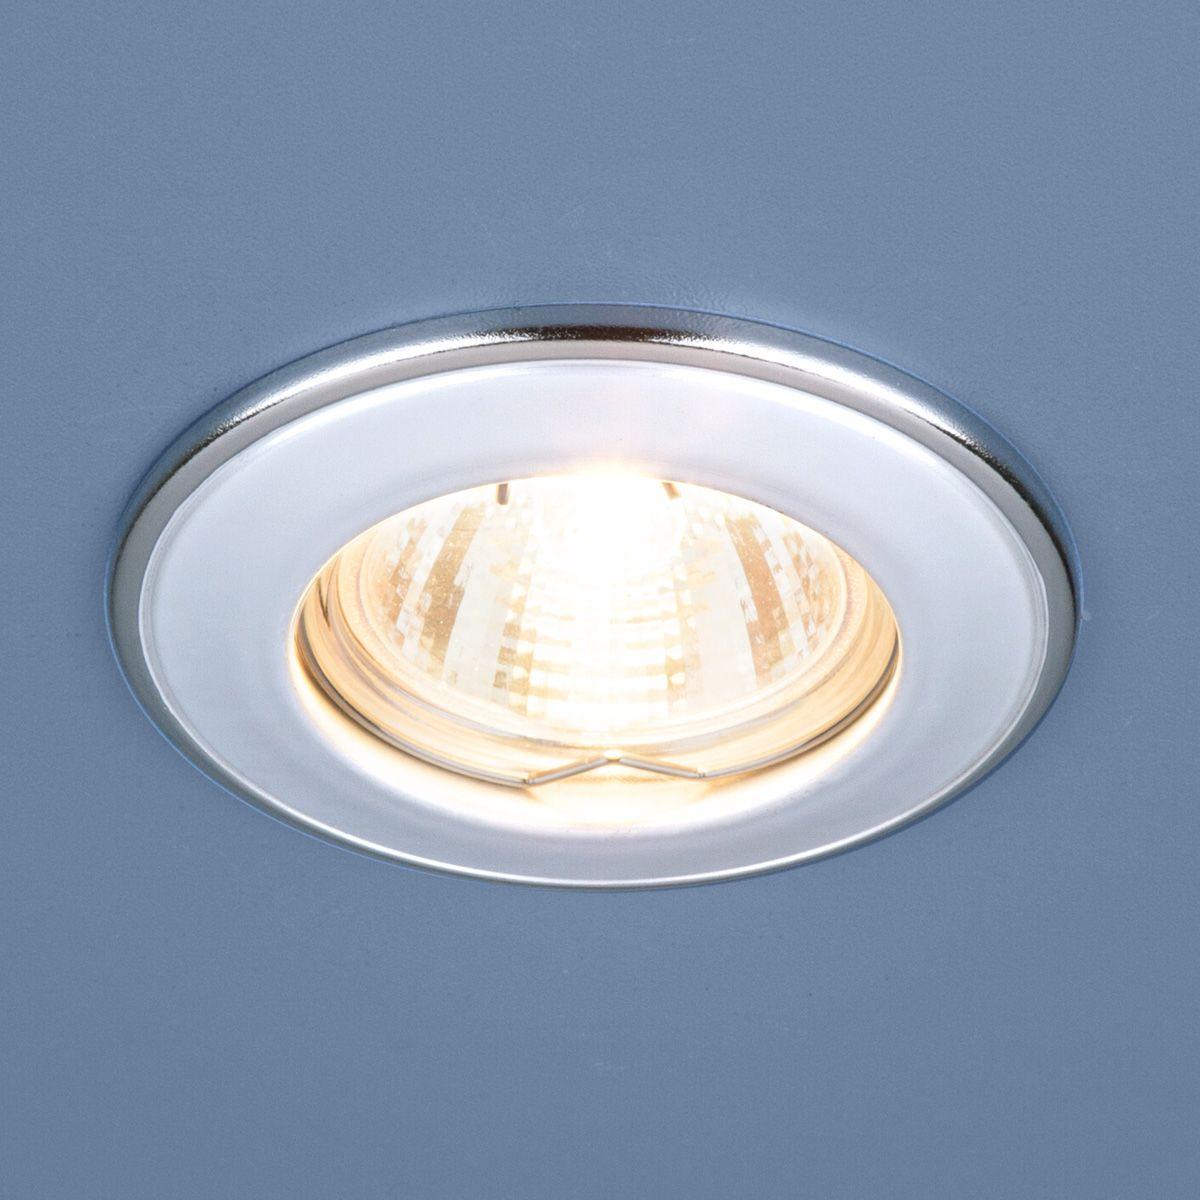 Встраиваемый точечный светильник 7002 MR16 WH/SL белый/серебро